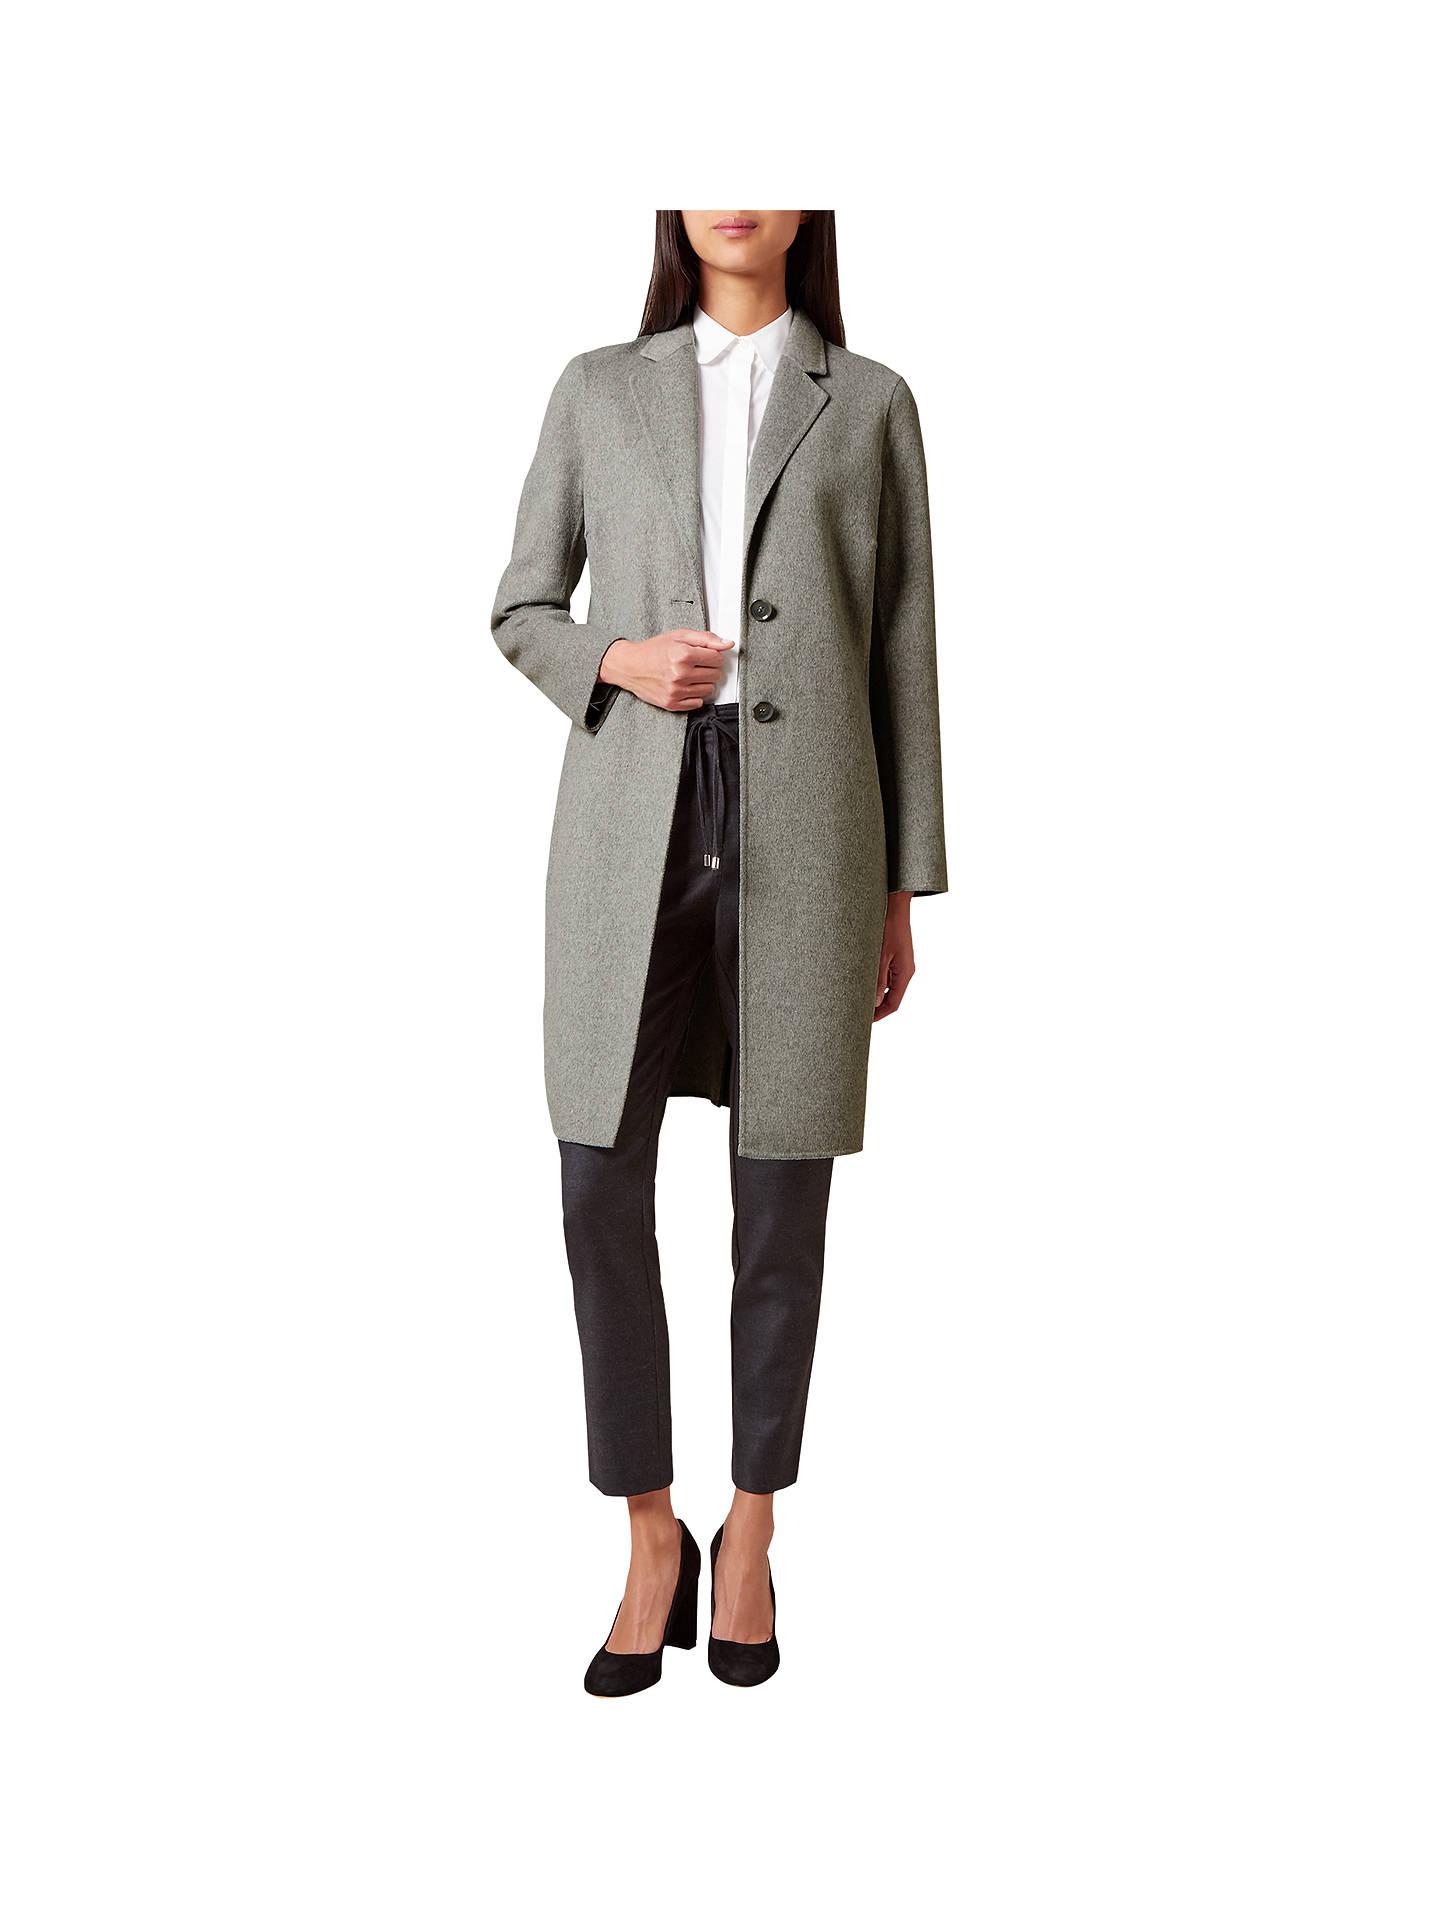 63fcac69d3 Hobbs Chloe Coat, Grey at John Lewis & Partners